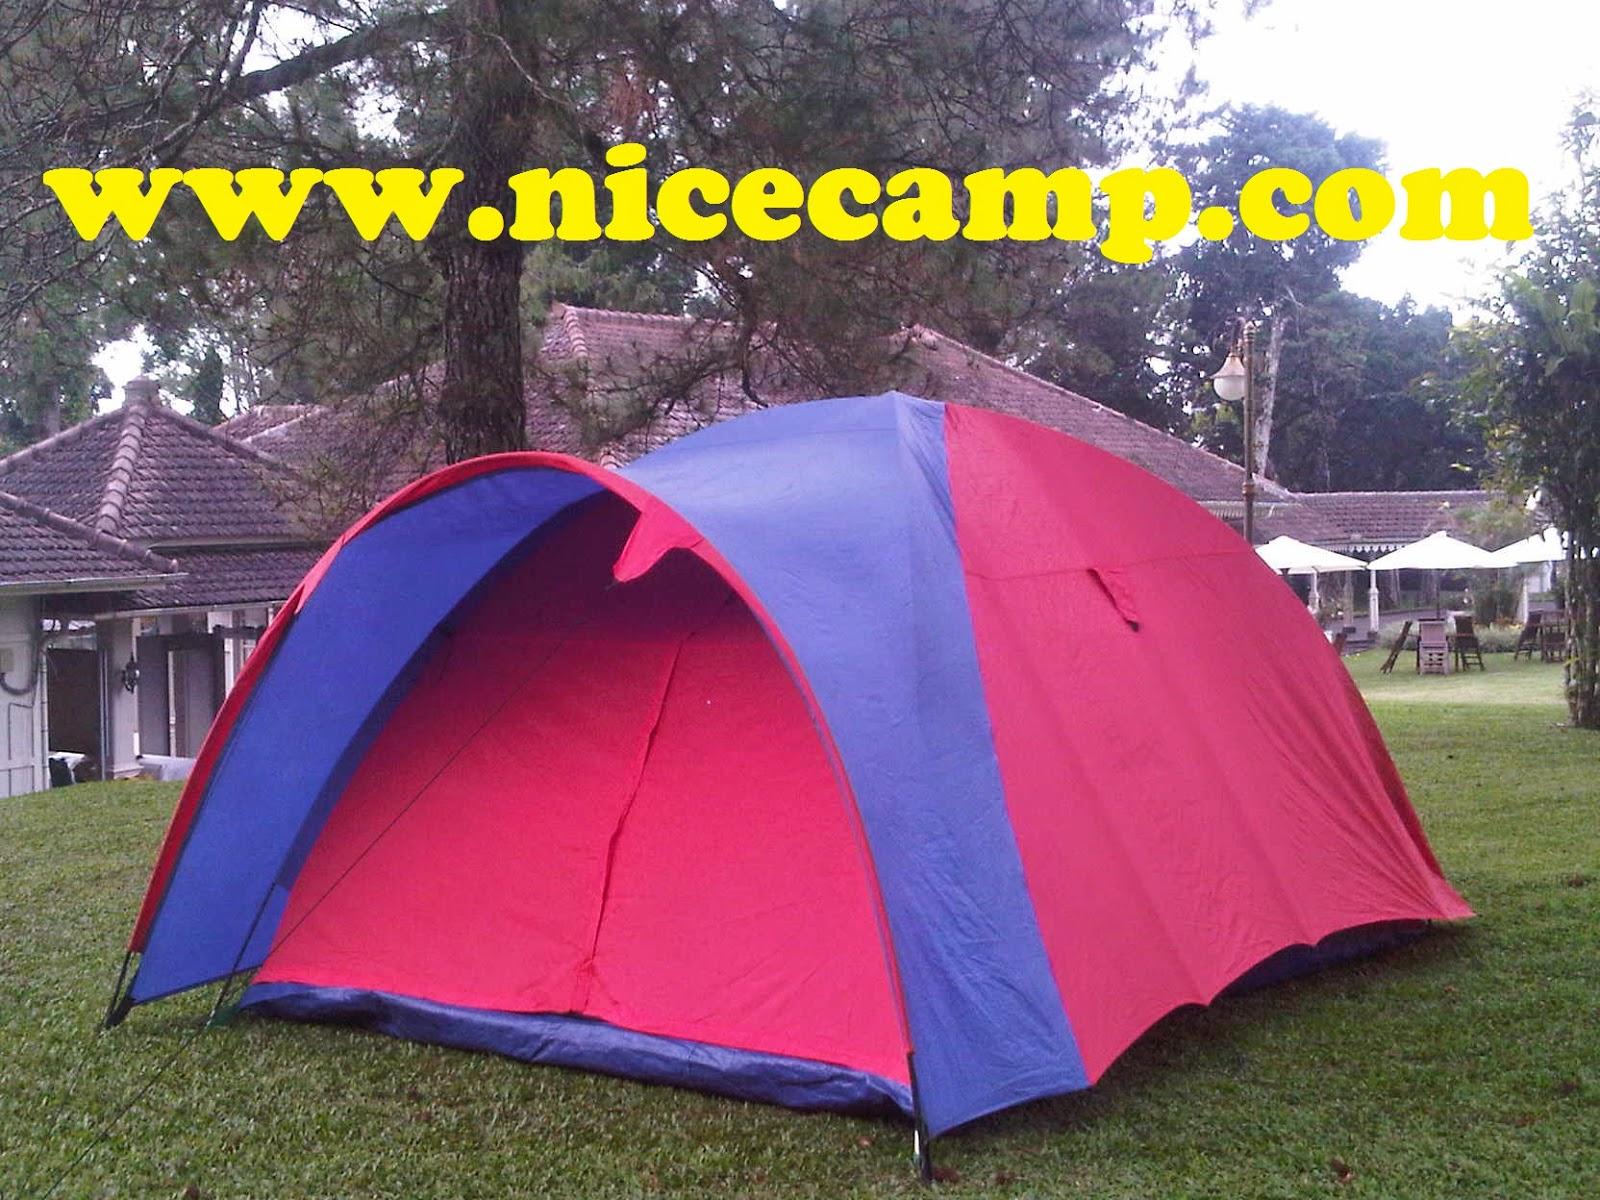 sewa tenda camping kemping kemah alat perlengkapan